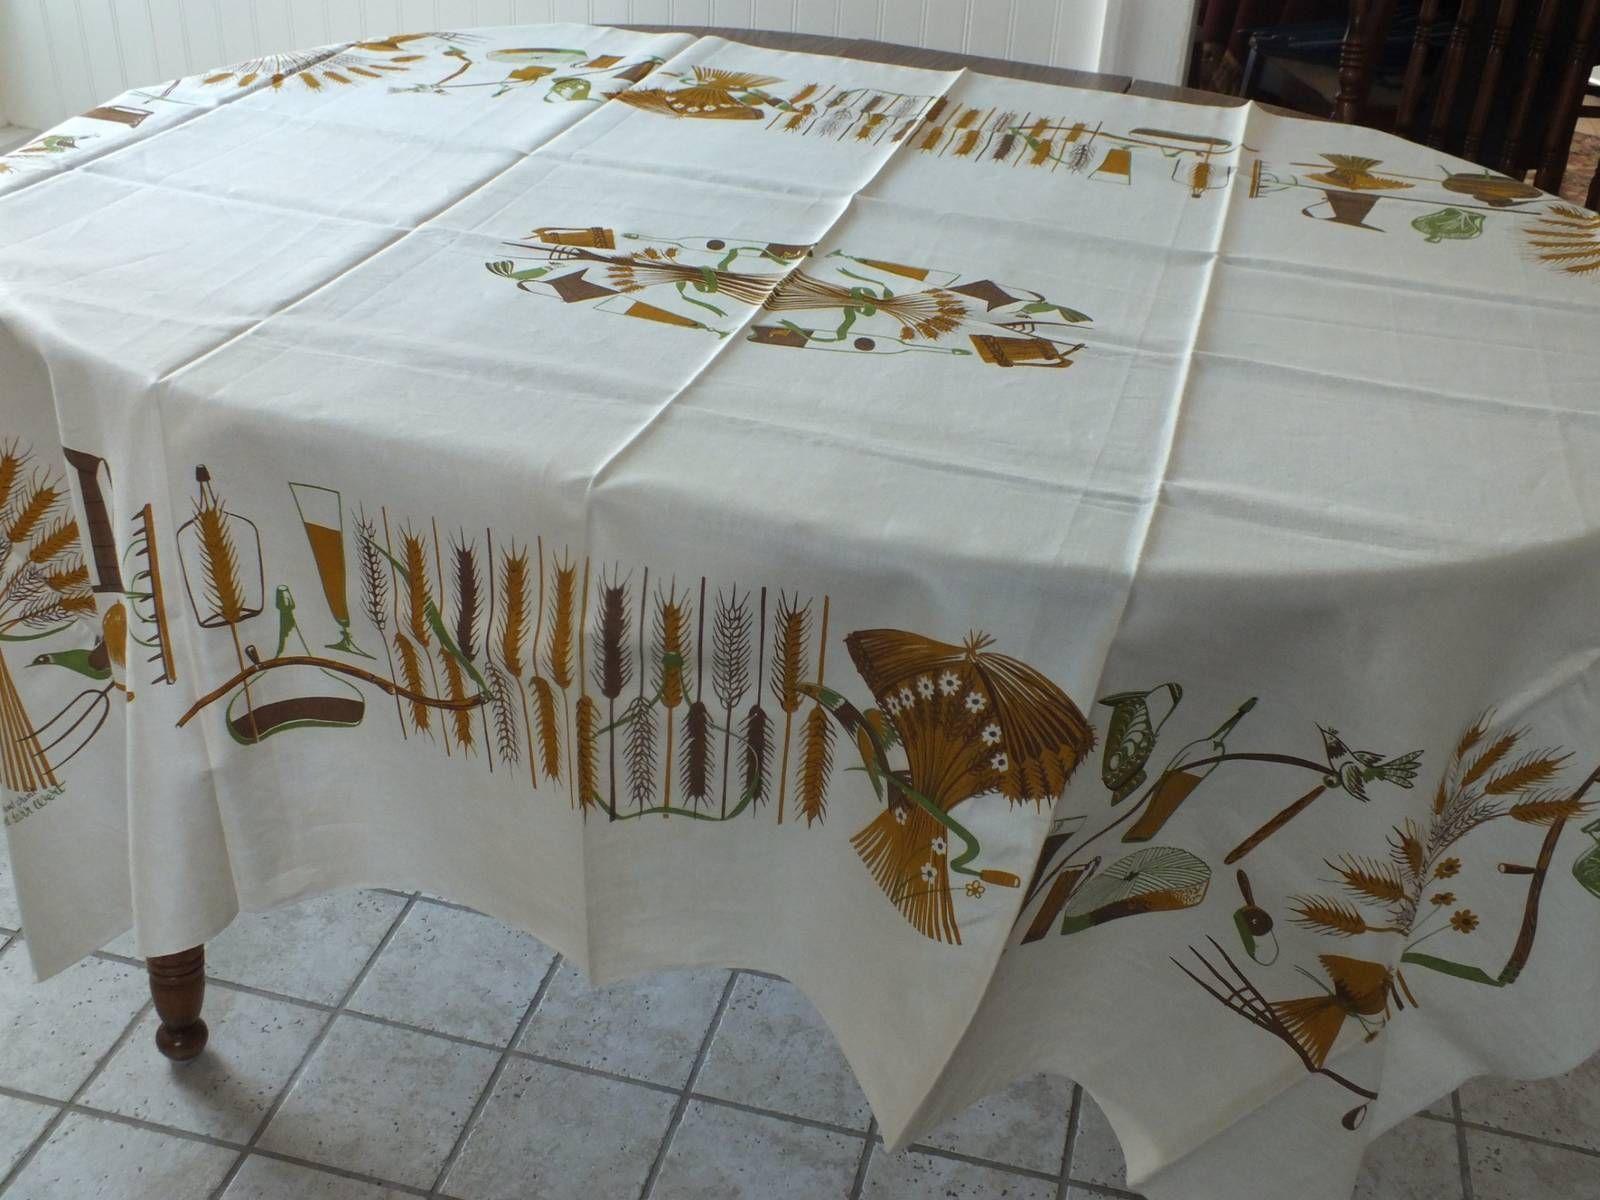 Vtg Tablecloth by Robert Darr Wert Mid Century Modern Eames Era Appx